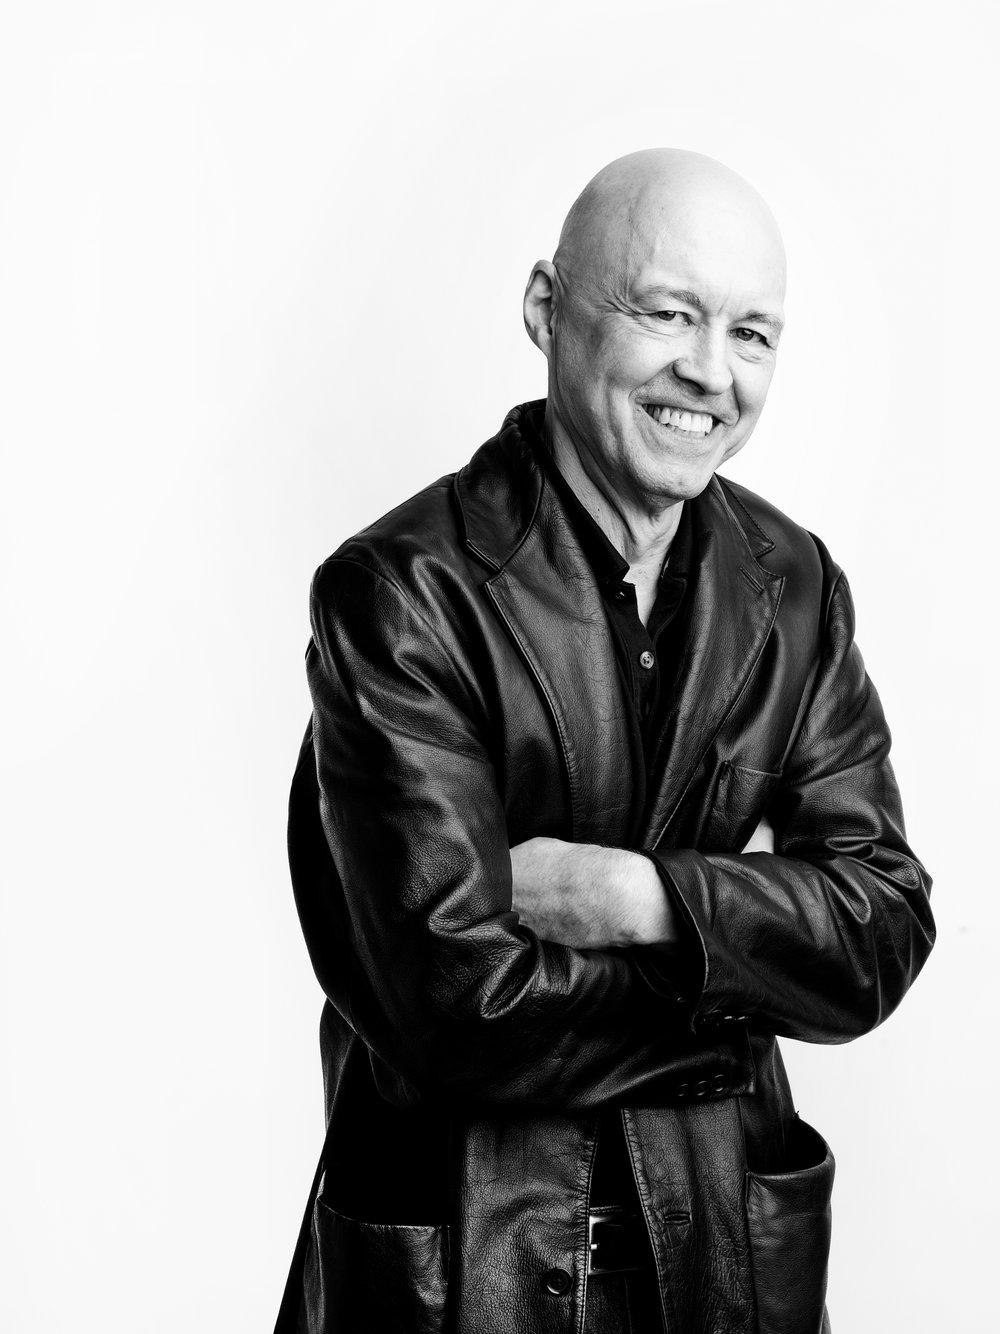 ROBERT NEWMAN | ART DIRECTOR, 1991-1994